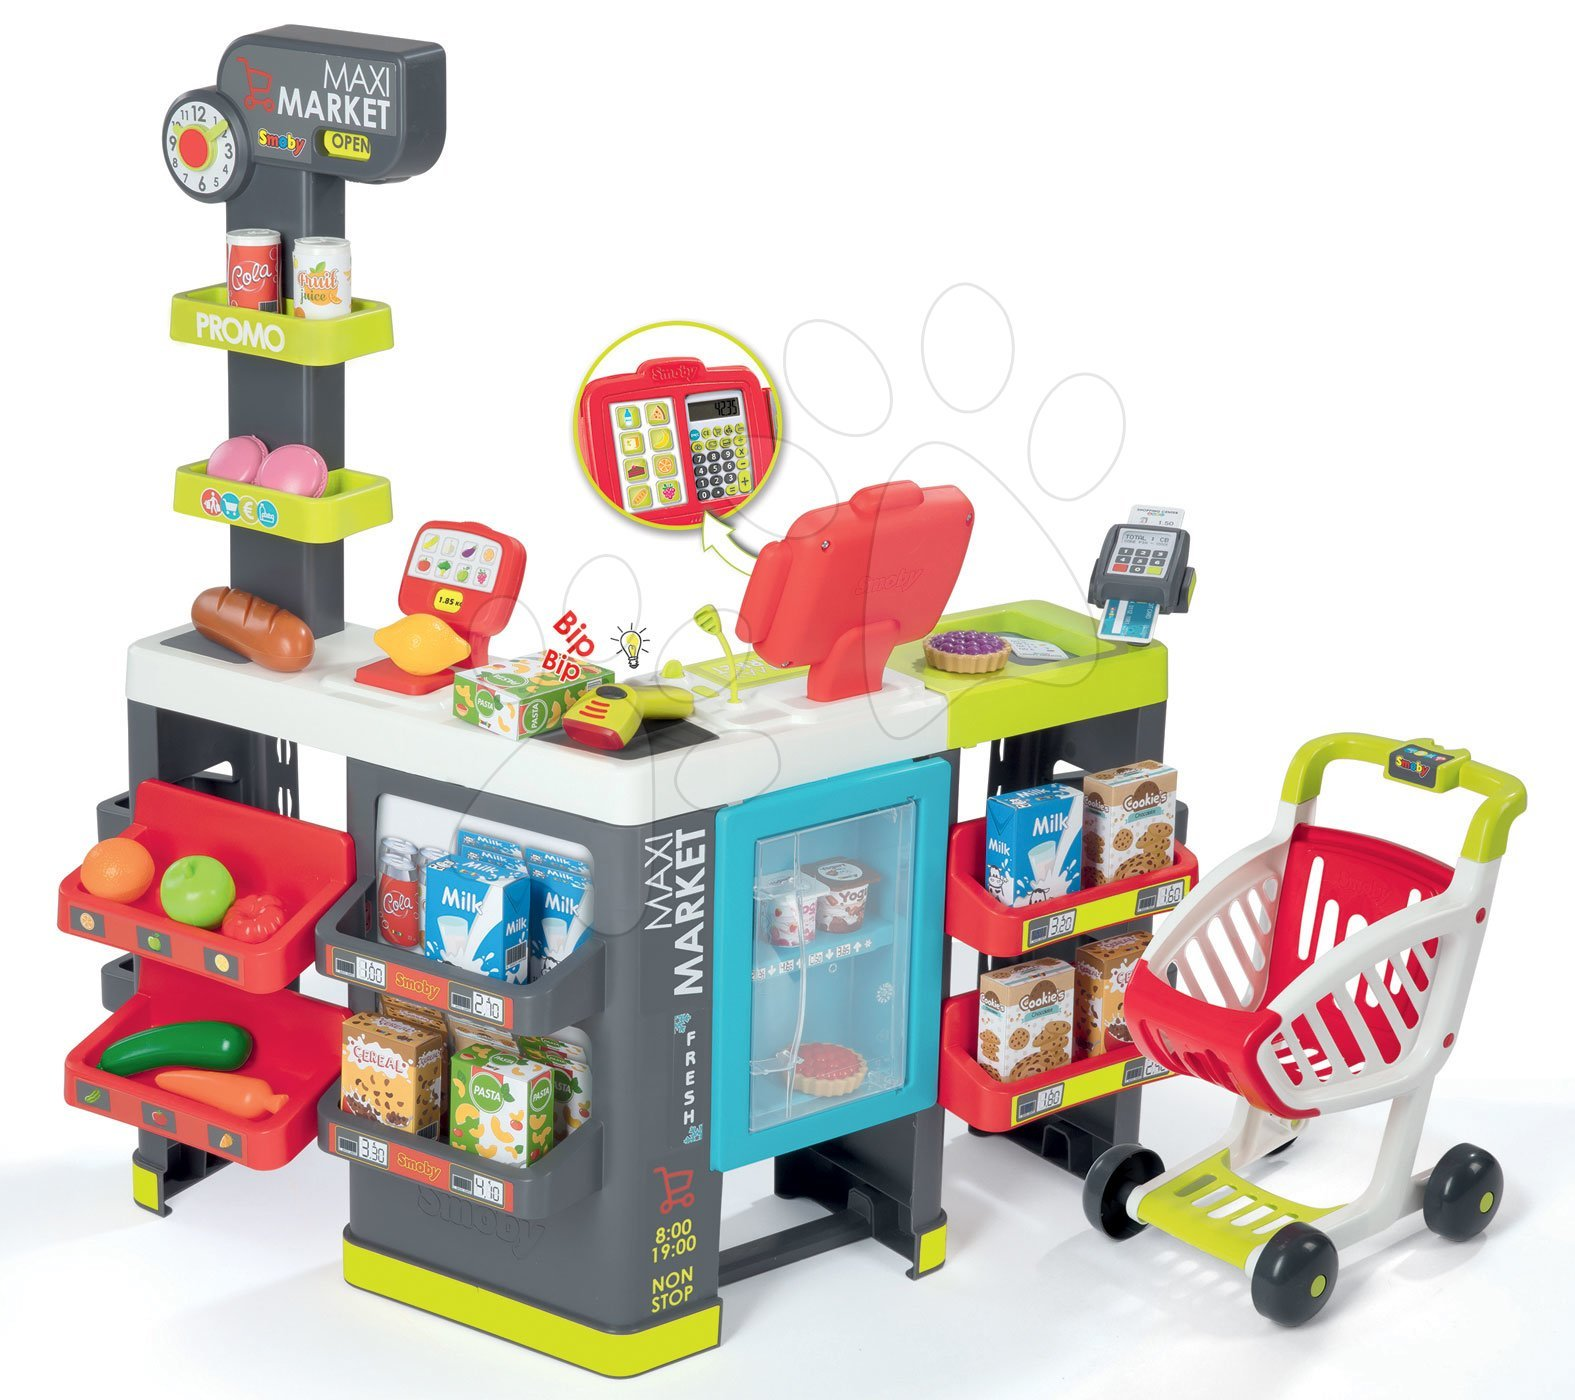 Obchod zmiešaný tovar Maxi Market Smoby s chladničkou, elektronickou pokladňou a skenerom s 50 doplnkami